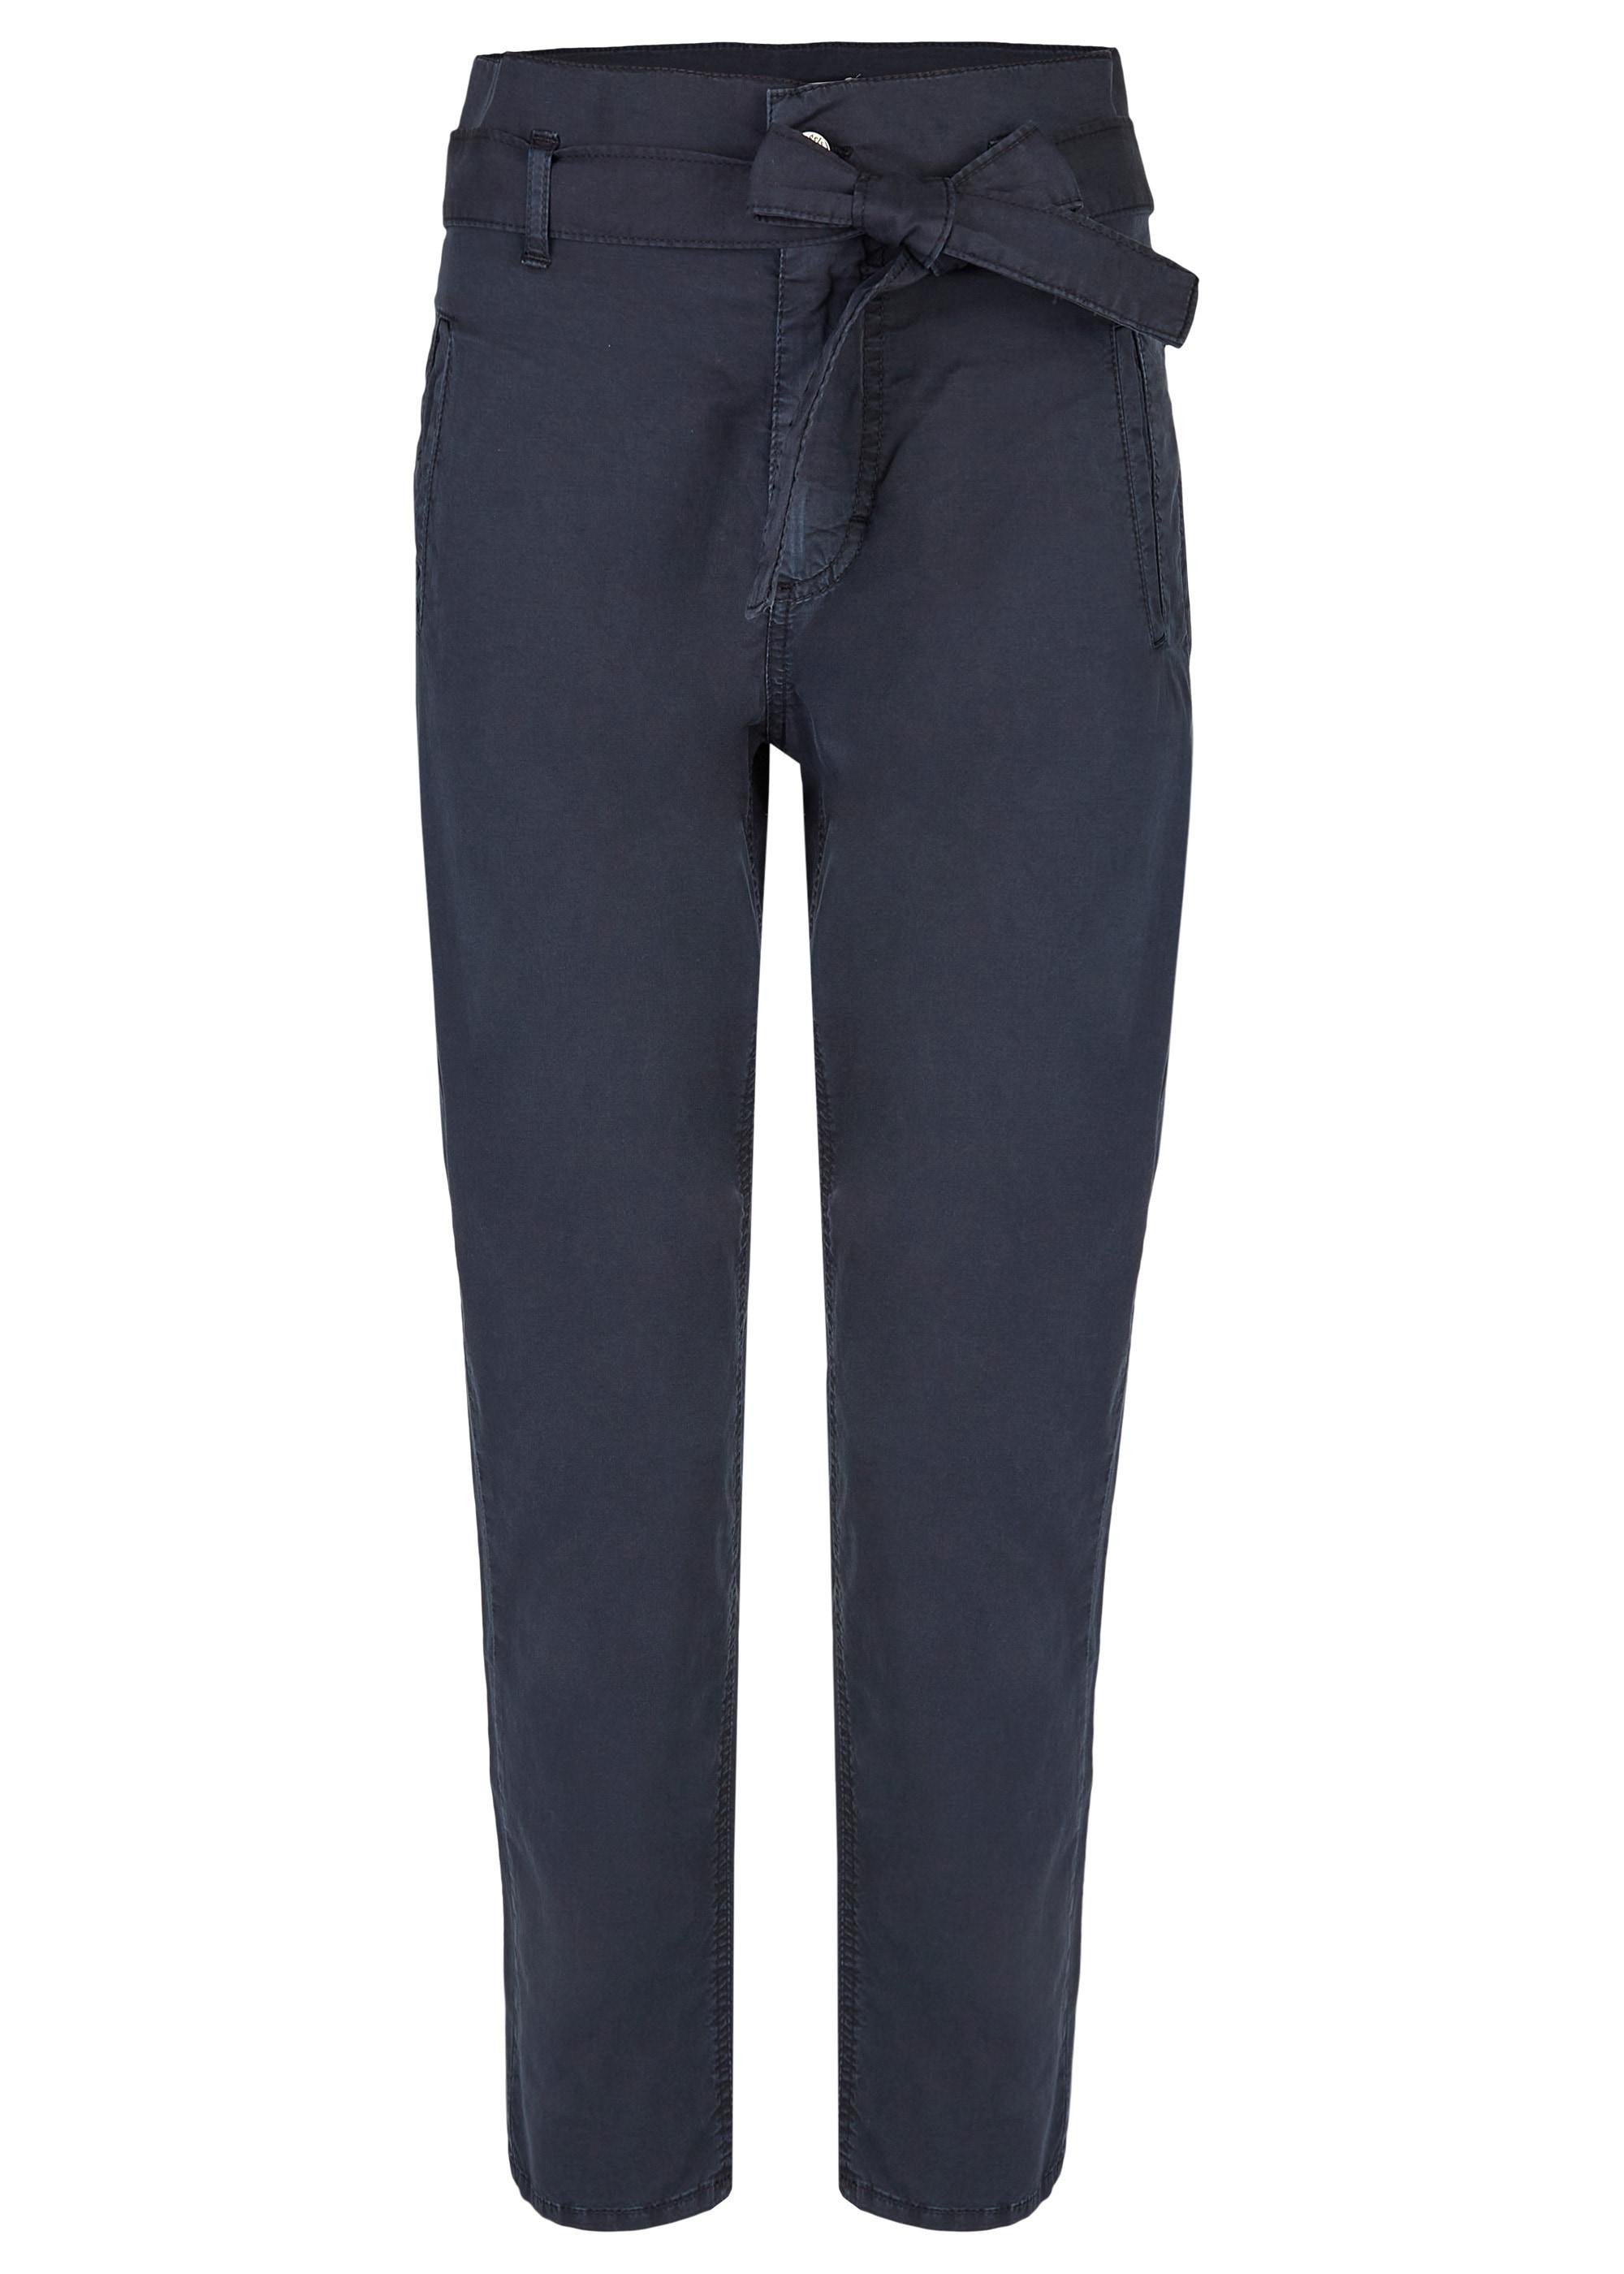 ANGELS Hose,Gwen' mit Bindegürtel blau Damen Hosen lang